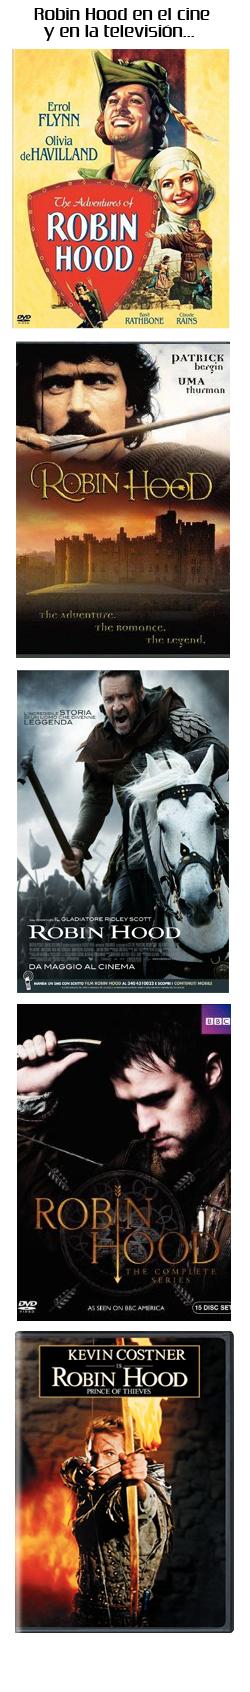 Robin Hood en el Cine y la Televisión